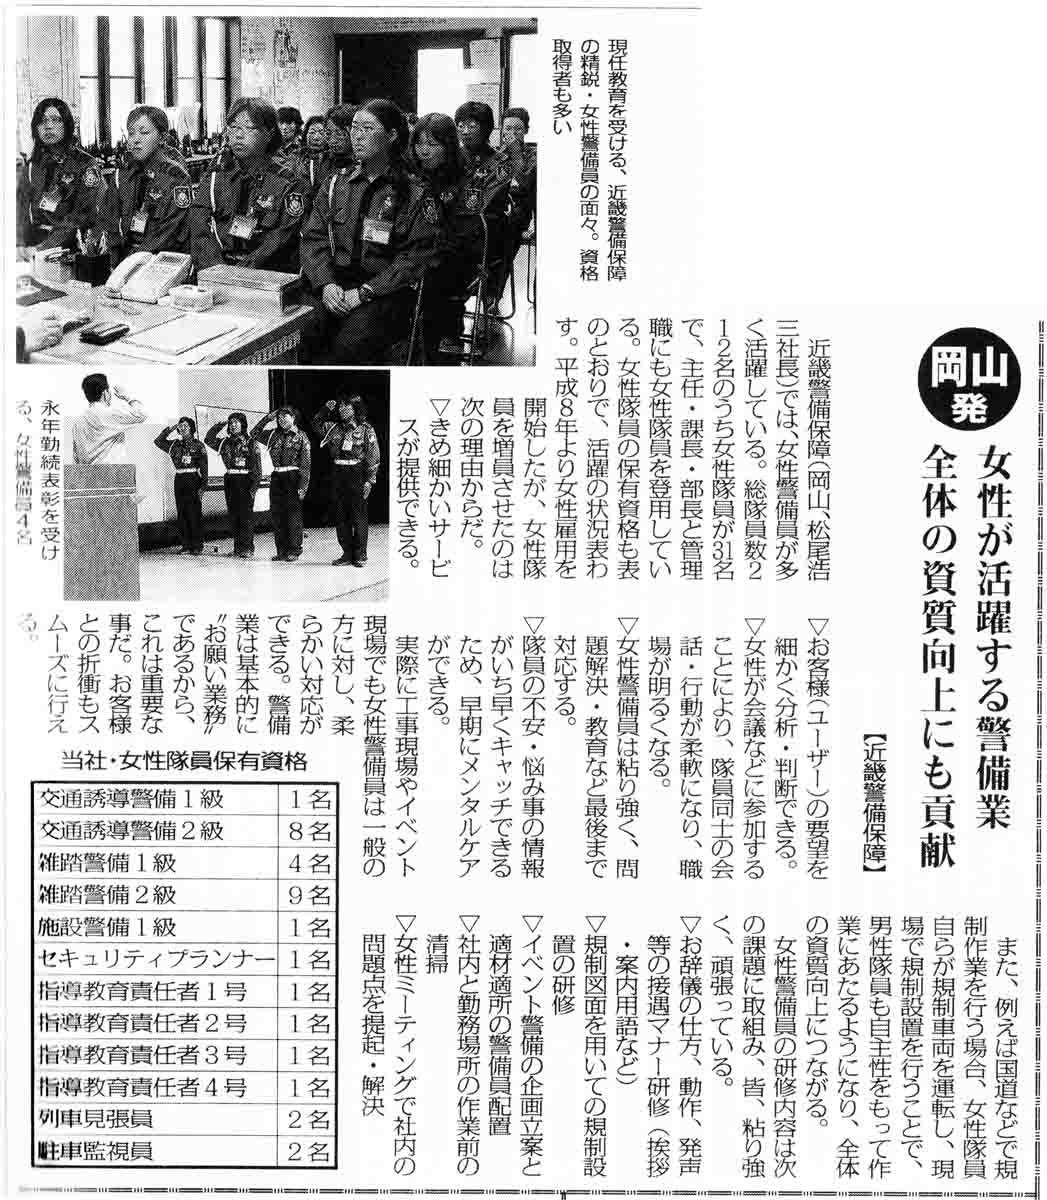 警備保障タイムス平成24年11月21日(水曜日)掲載